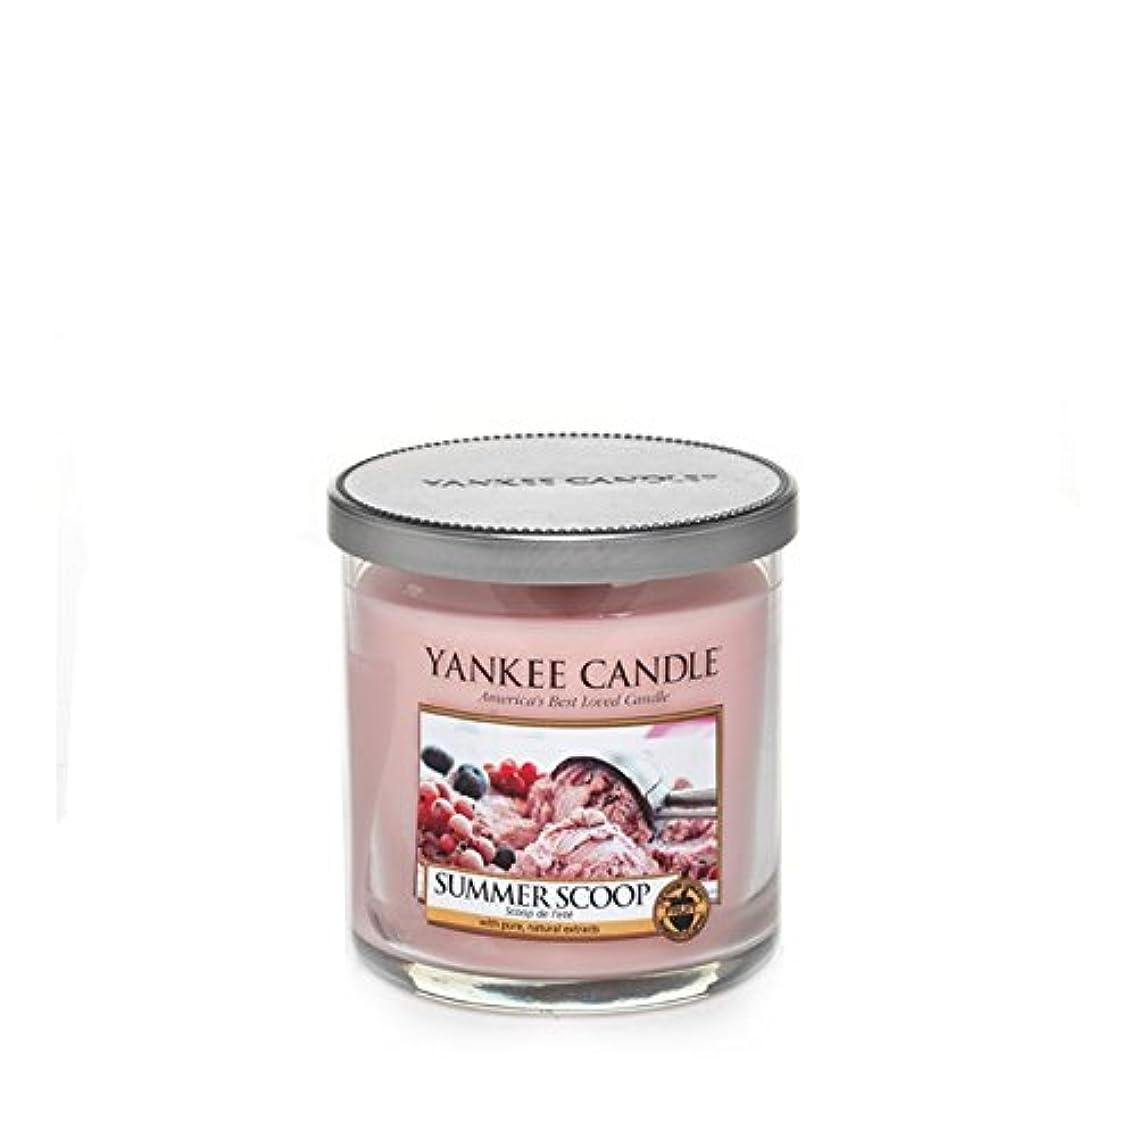 環境に優しい承認する透けるYankee Candles Small Pillar Candle - Summer Scoop (Pack of 2) - ヤンキーキャンドルの小さな柱キャンドル - 夏のスクープ (x2) [並行輸入品]